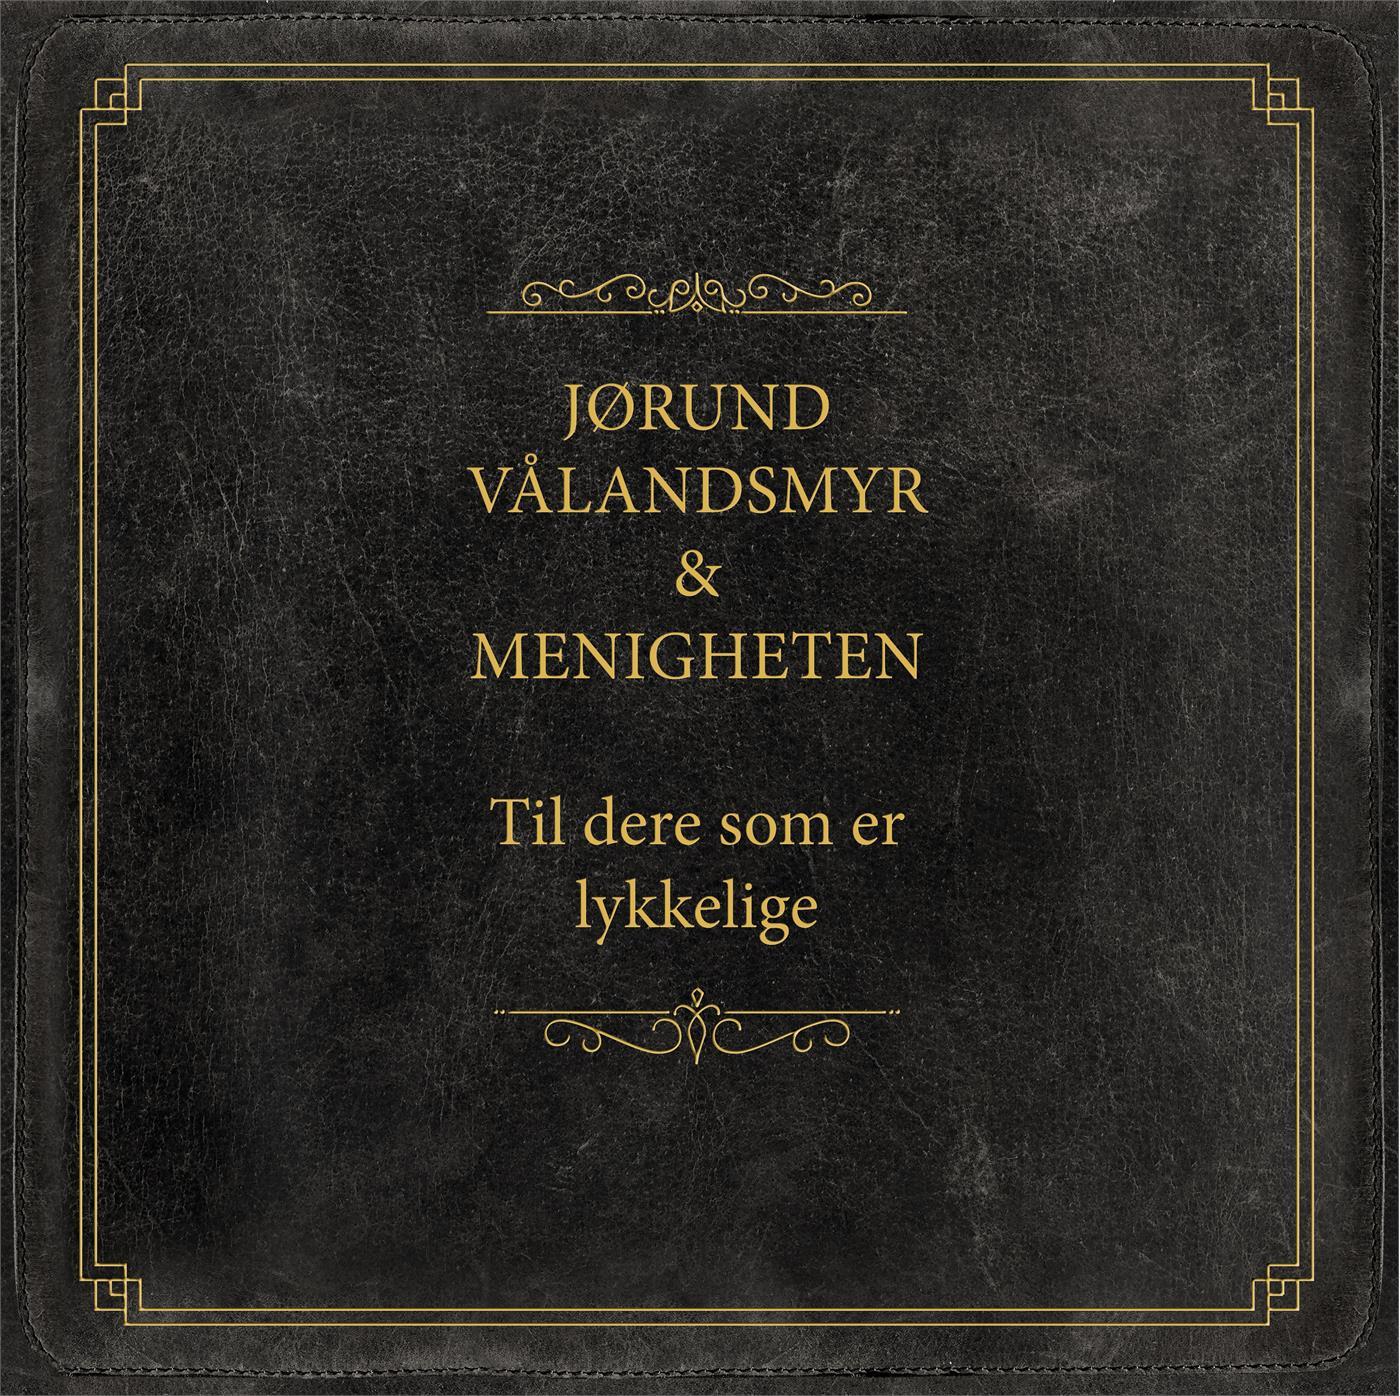 Jørund Vålandsmyr & Menigheten – Til Dere Som Er Lykkelige [LP]